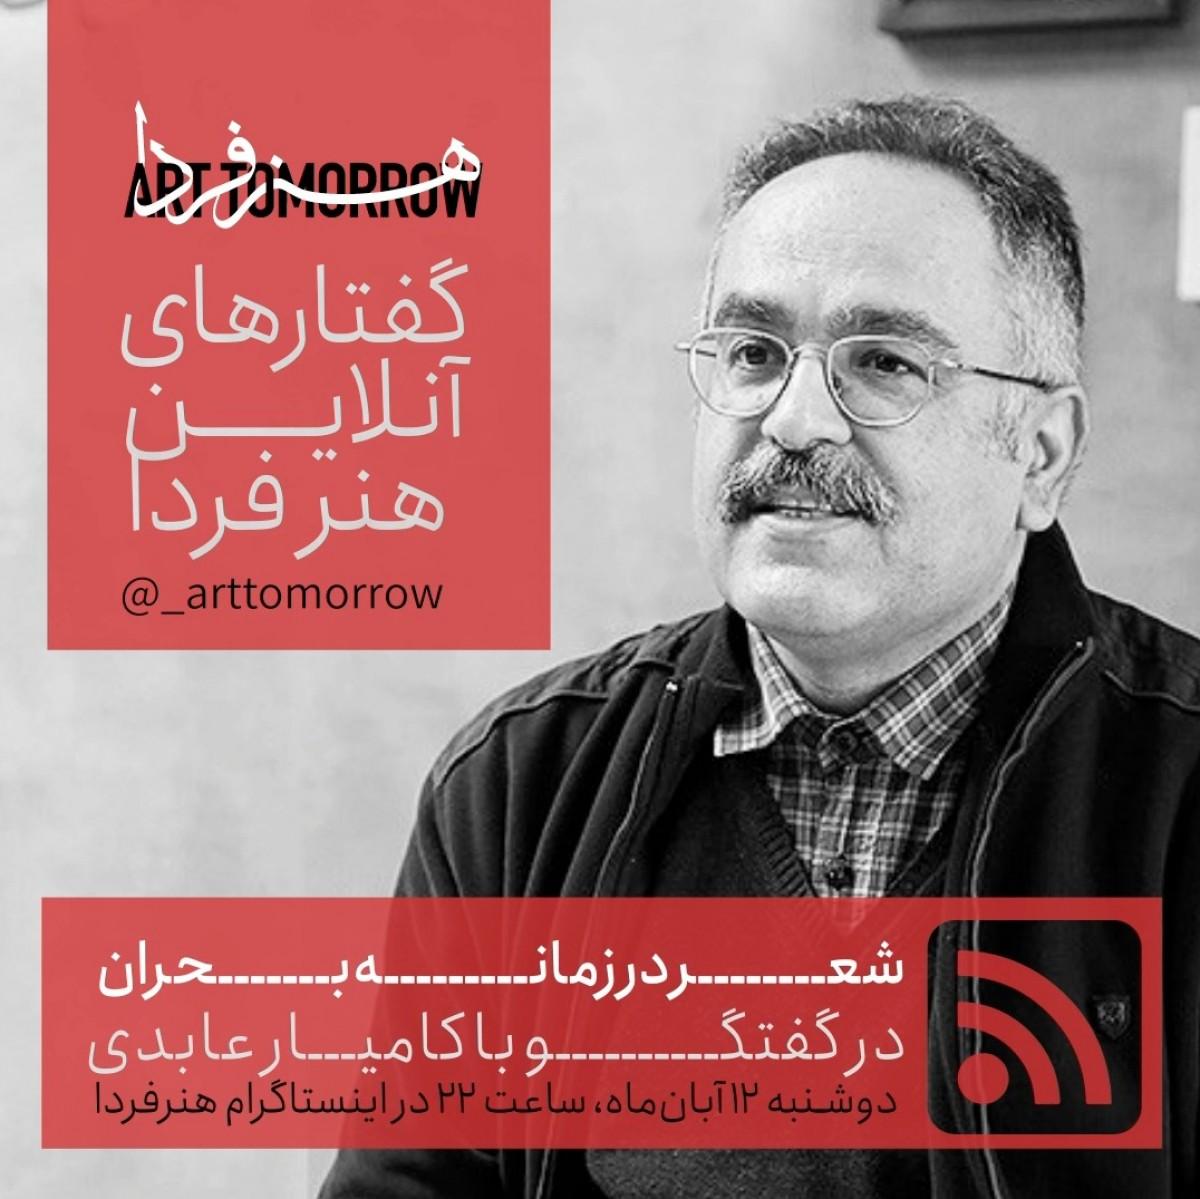 کامیار عابدی ششمین مهمان «گفتارهای آنلاین هنر فردا»